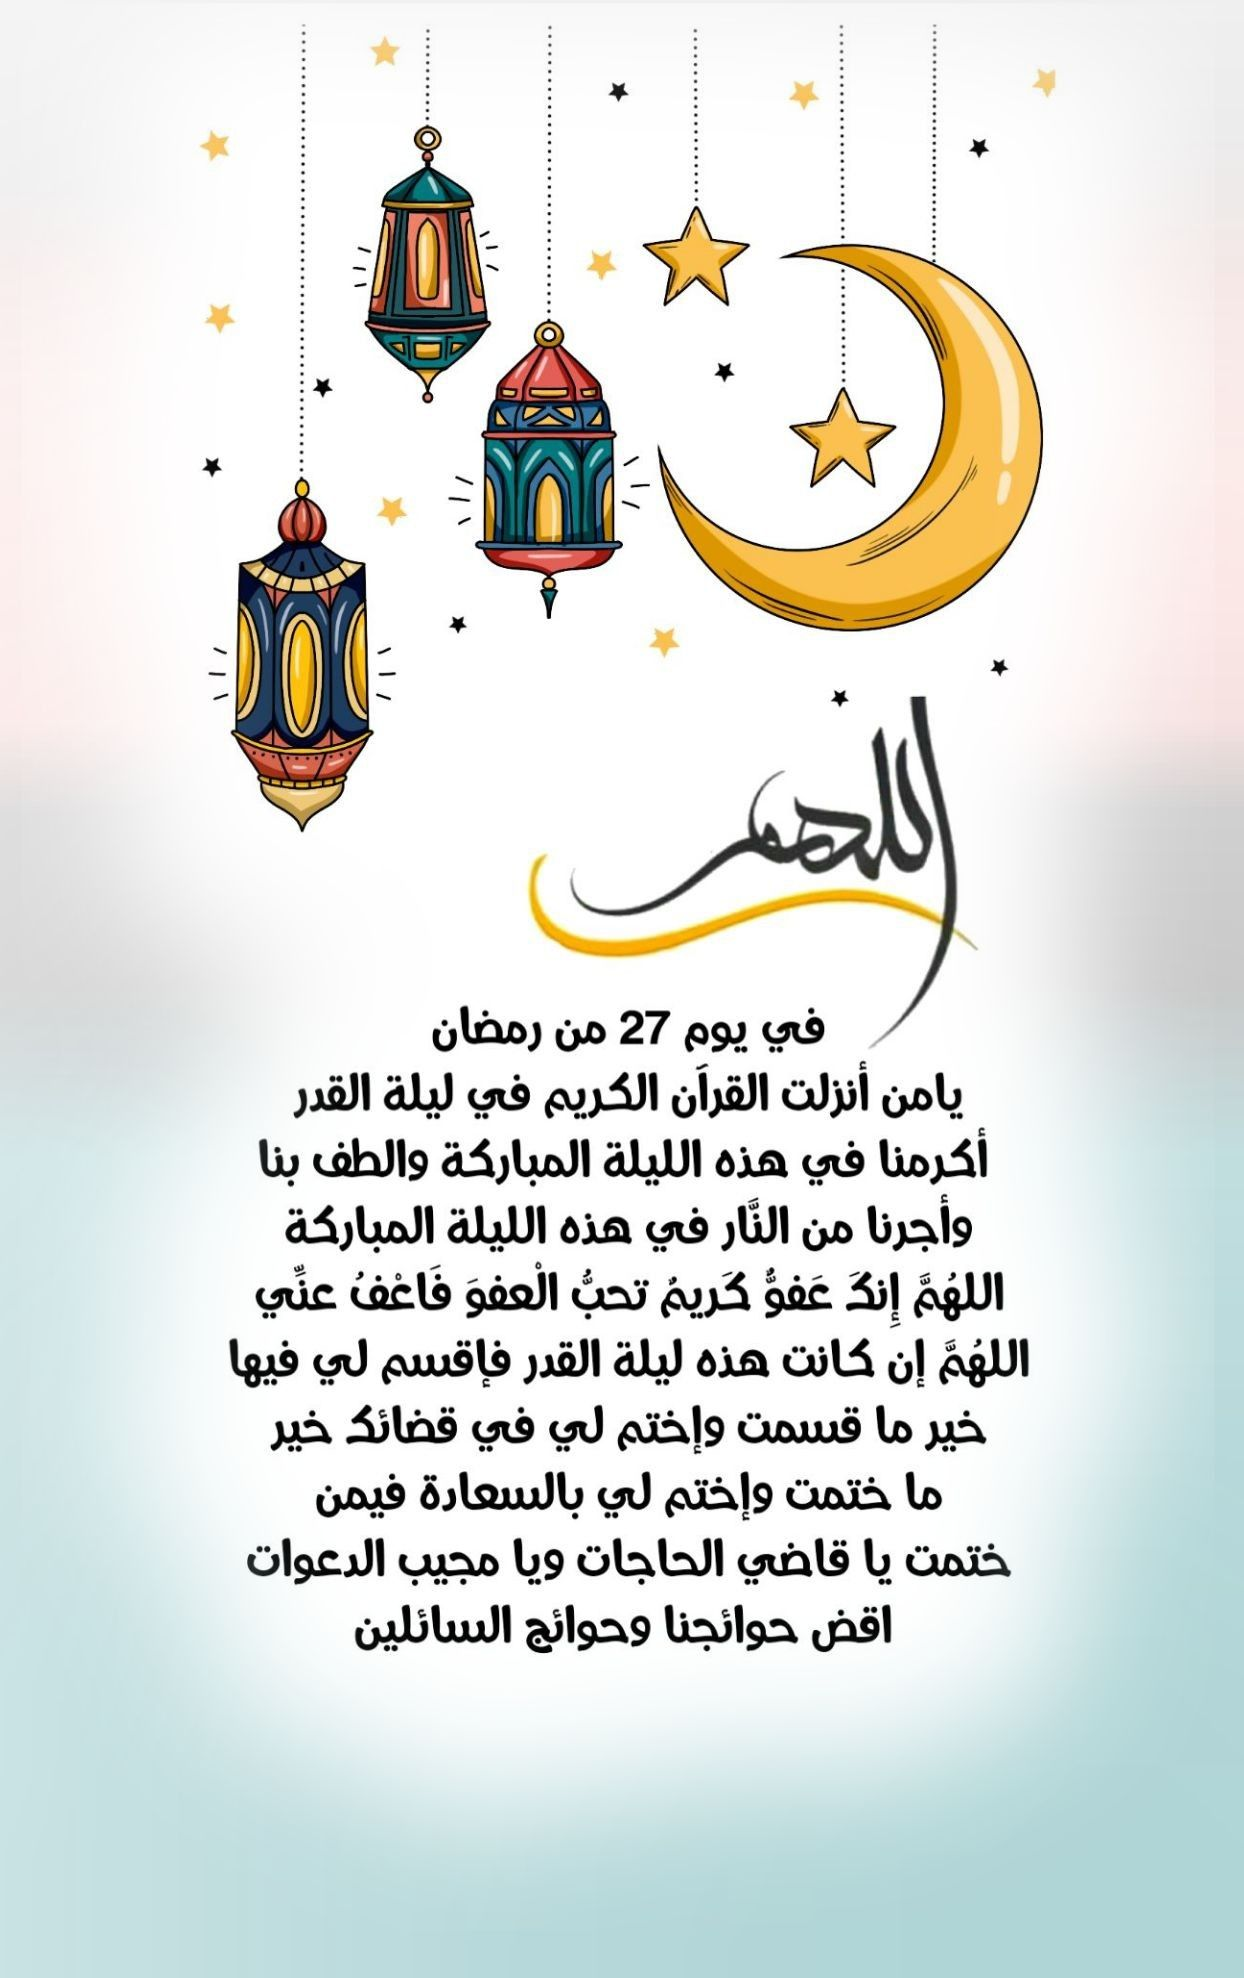 الله م في يوم ٢٧ من رمضان يامن أنزلت القرآن الكريم في ليلة القدر أكرمنا في هذه الليلة المباركة والطف بنا وأجرنا Ramadan Ramadan Kareem Ramadan Mubarak